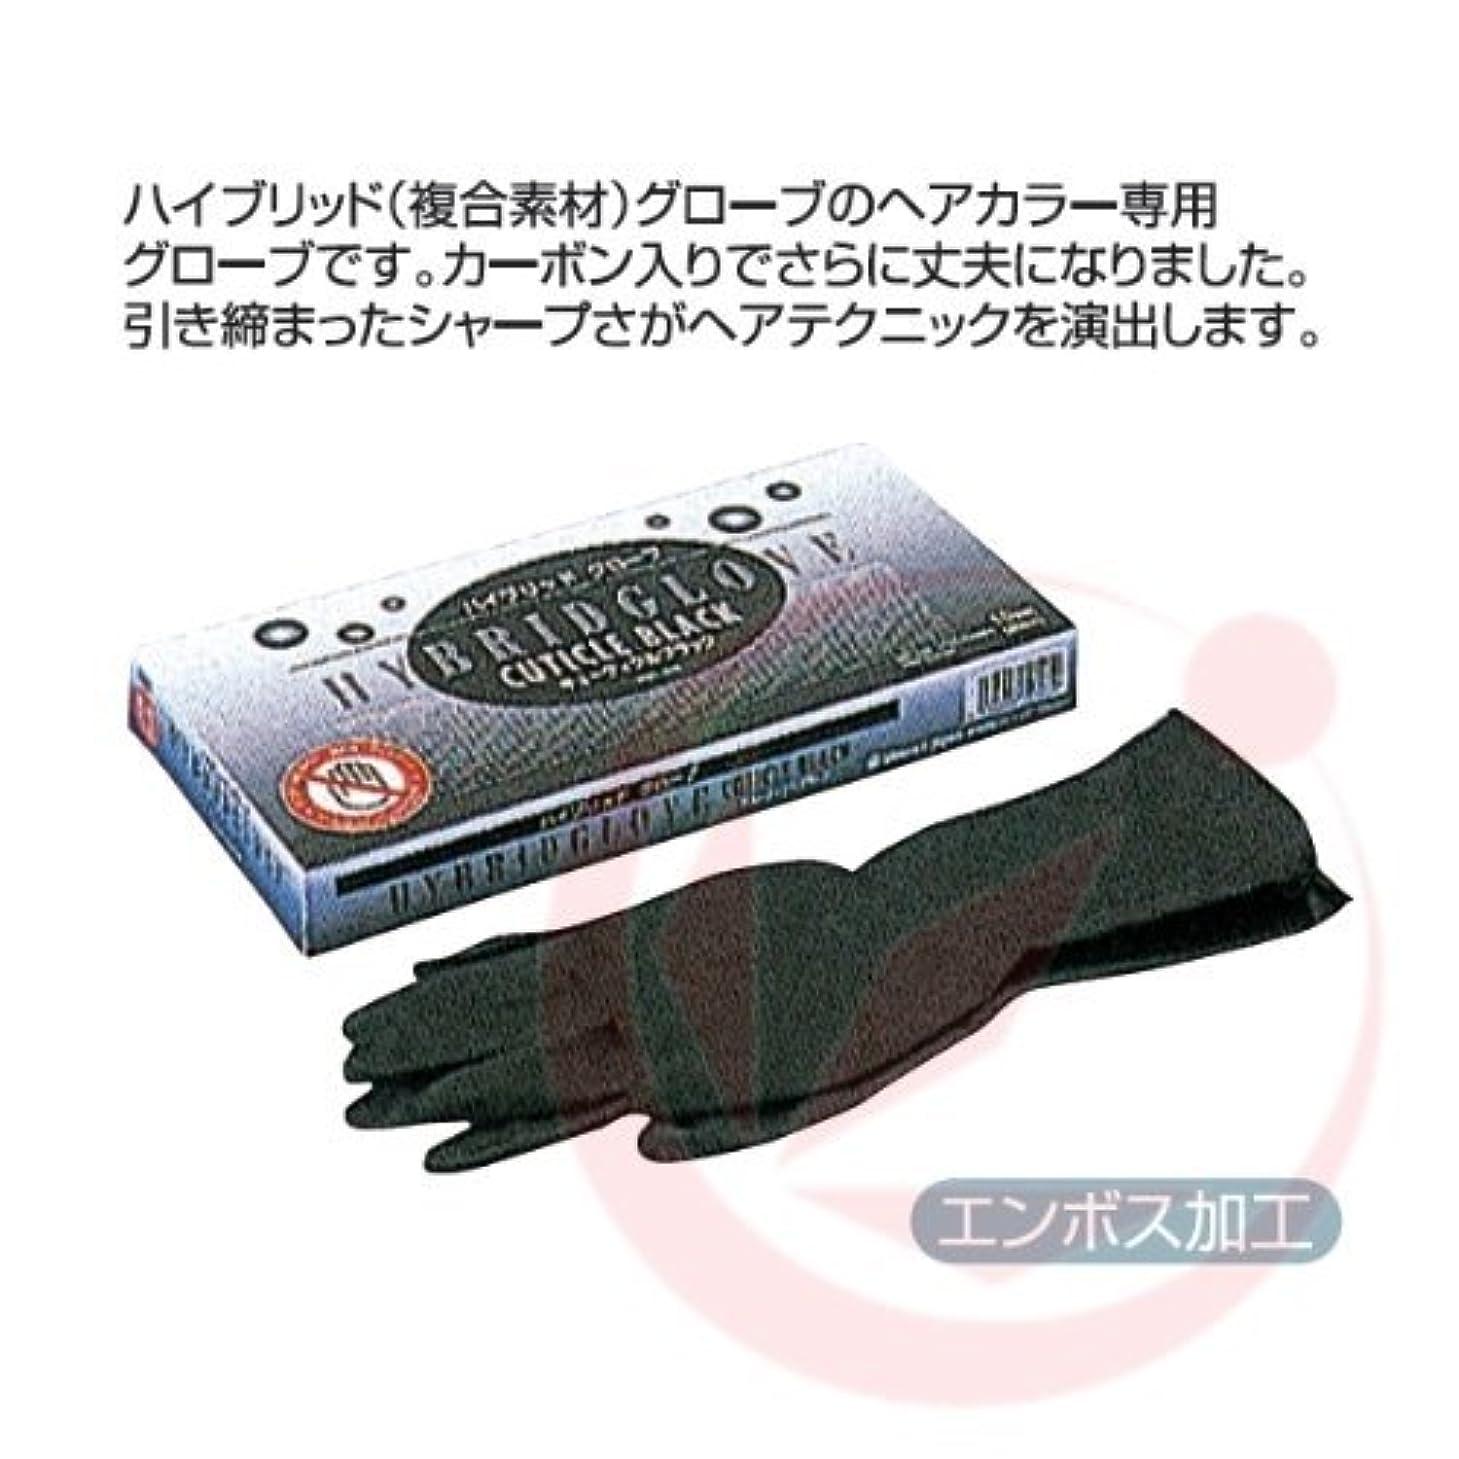 かりて変化特別なハイブリッドグローブ キューティクルグラック SS 10set(20枚入)